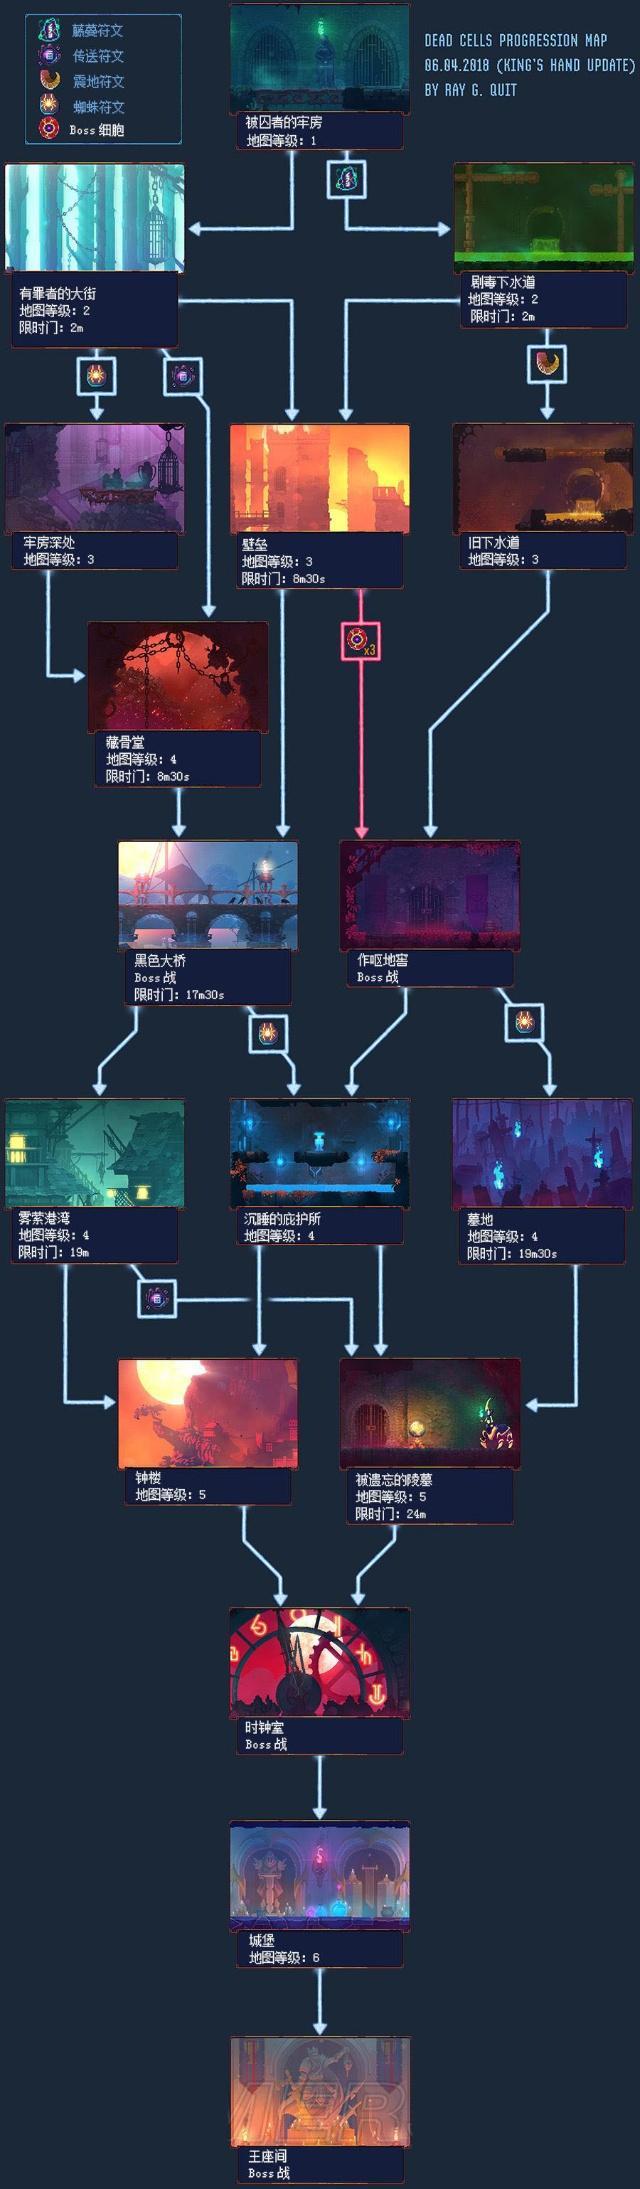 死亡细胞手游免费版下载-死亡细胞中文版下载